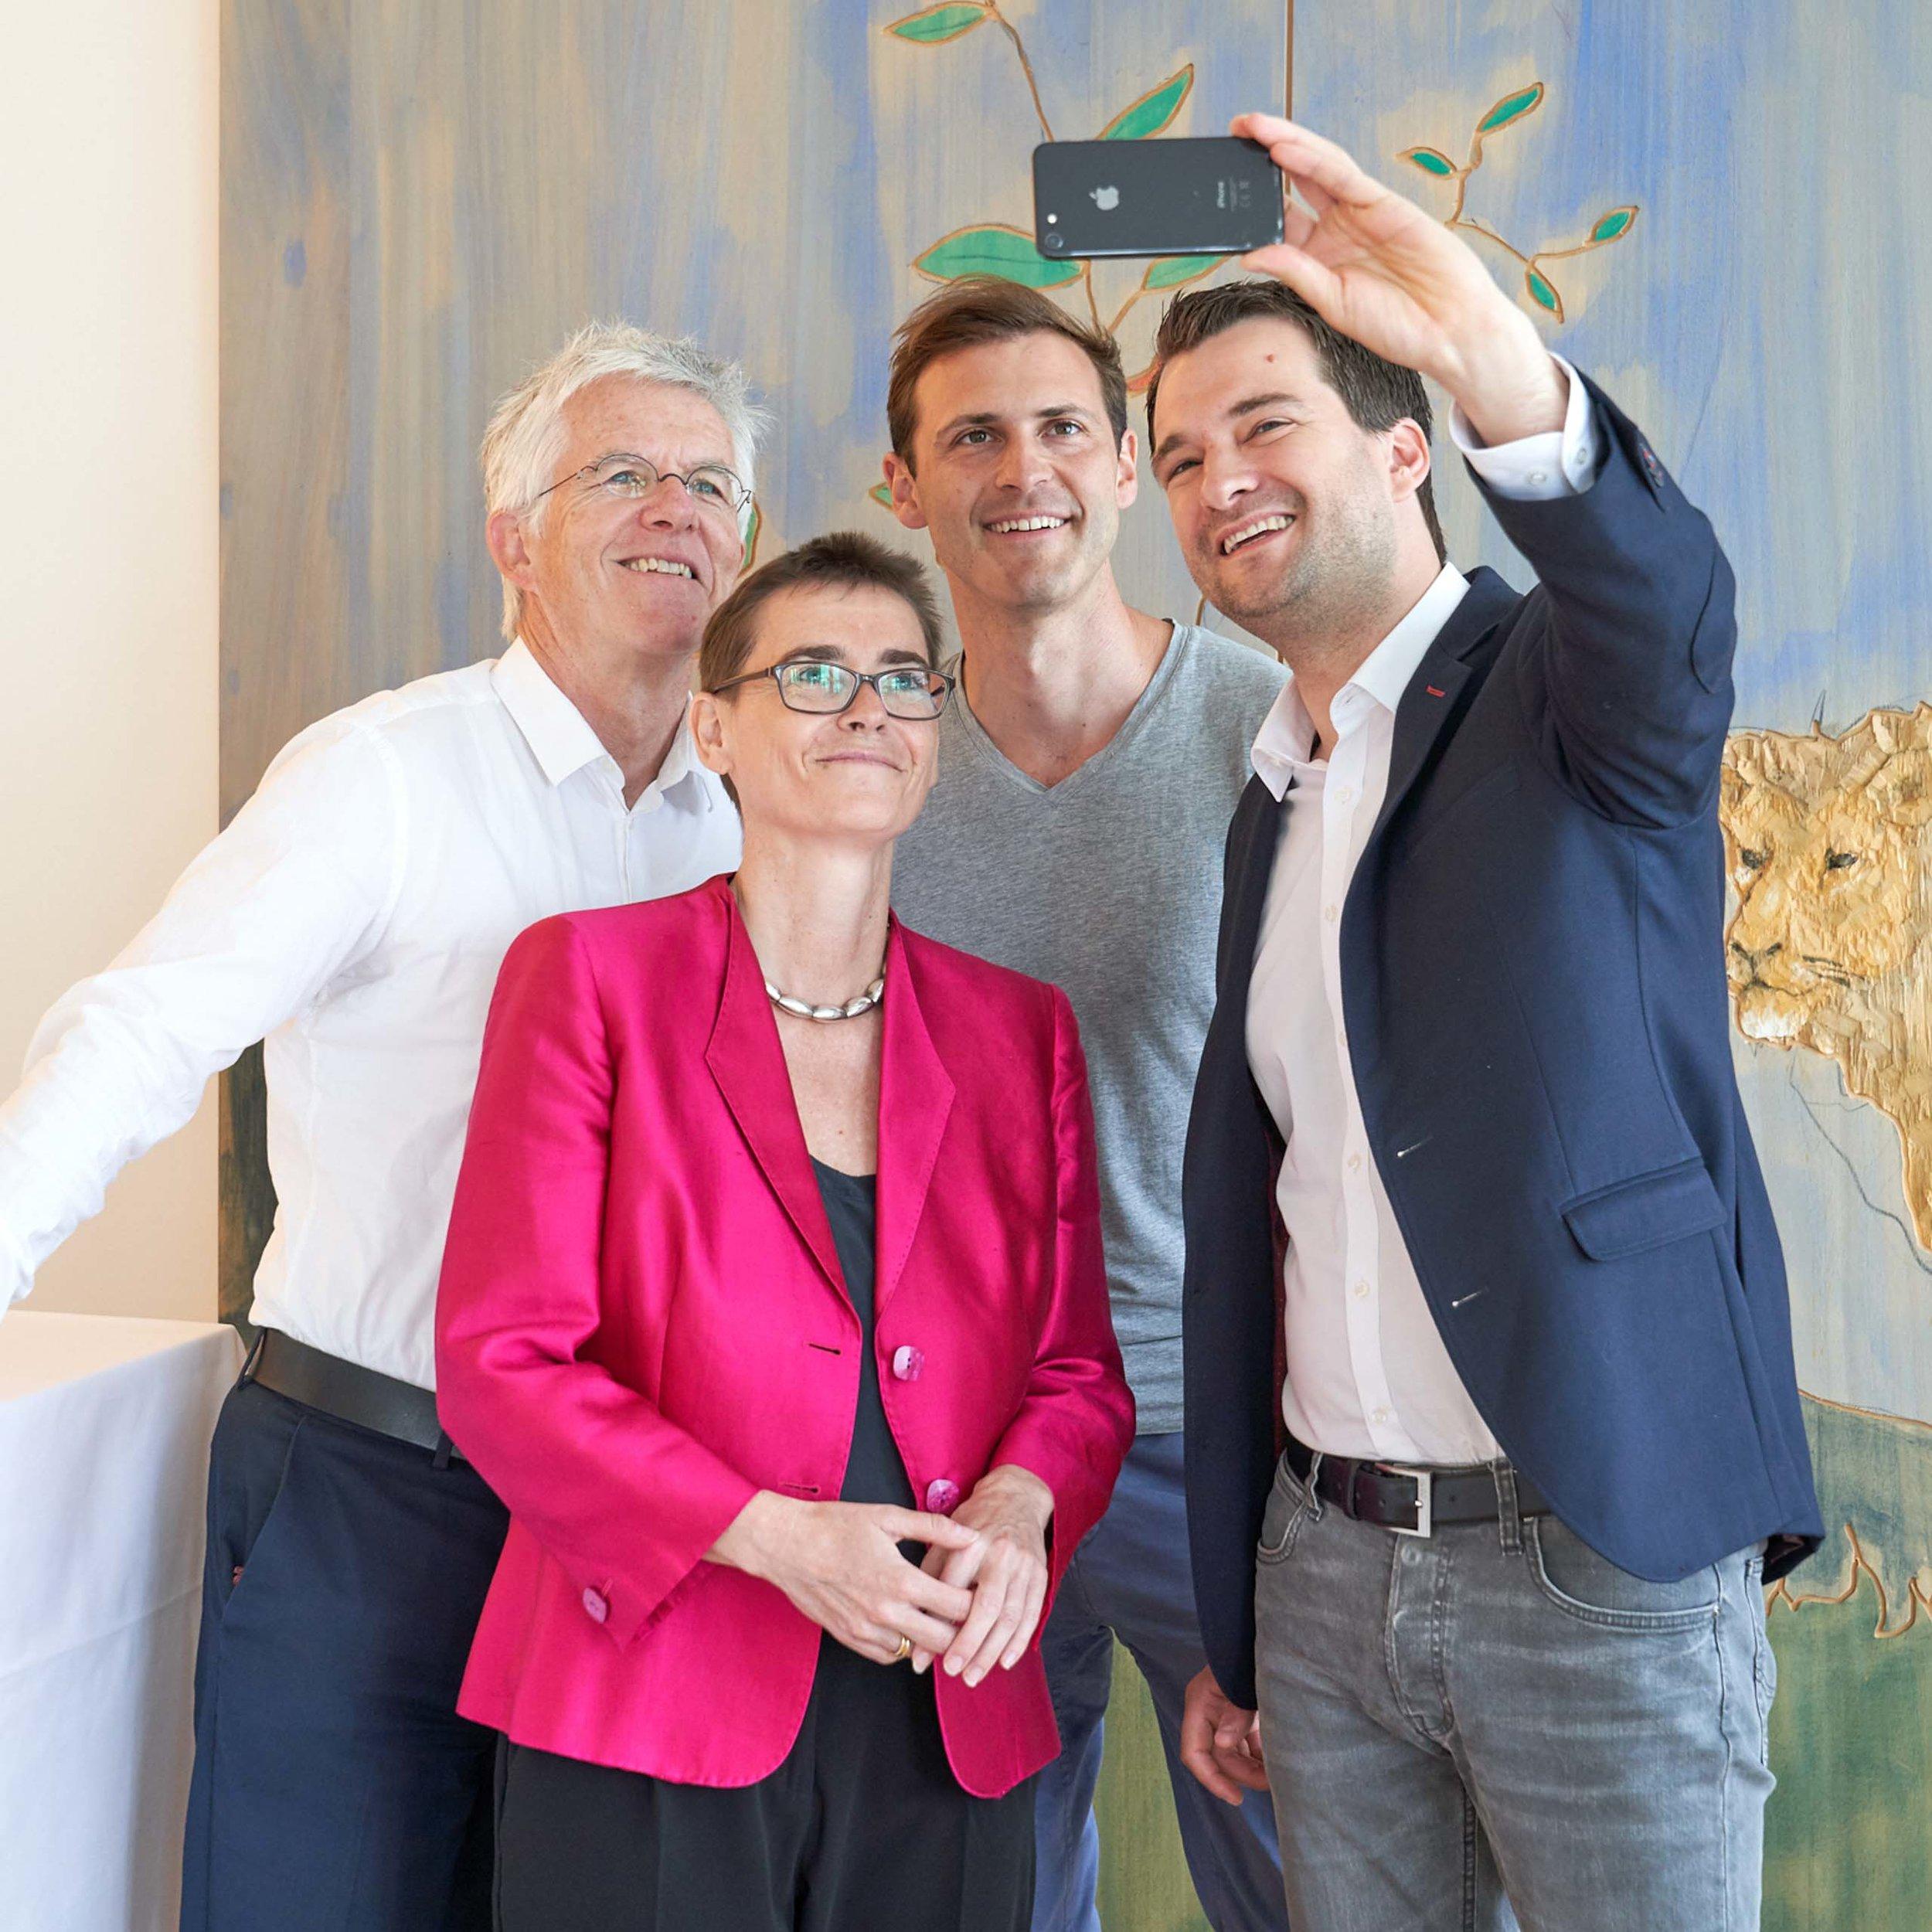 Reportage- und Eventfotografie  zu Veranstaltungen Professionelle Reportage- und Eventfotografie zu Dokumentationszwecken. Hier bei einer DDN-Veranstaltung im Generali-Versicherungsgebäude in Hamburg